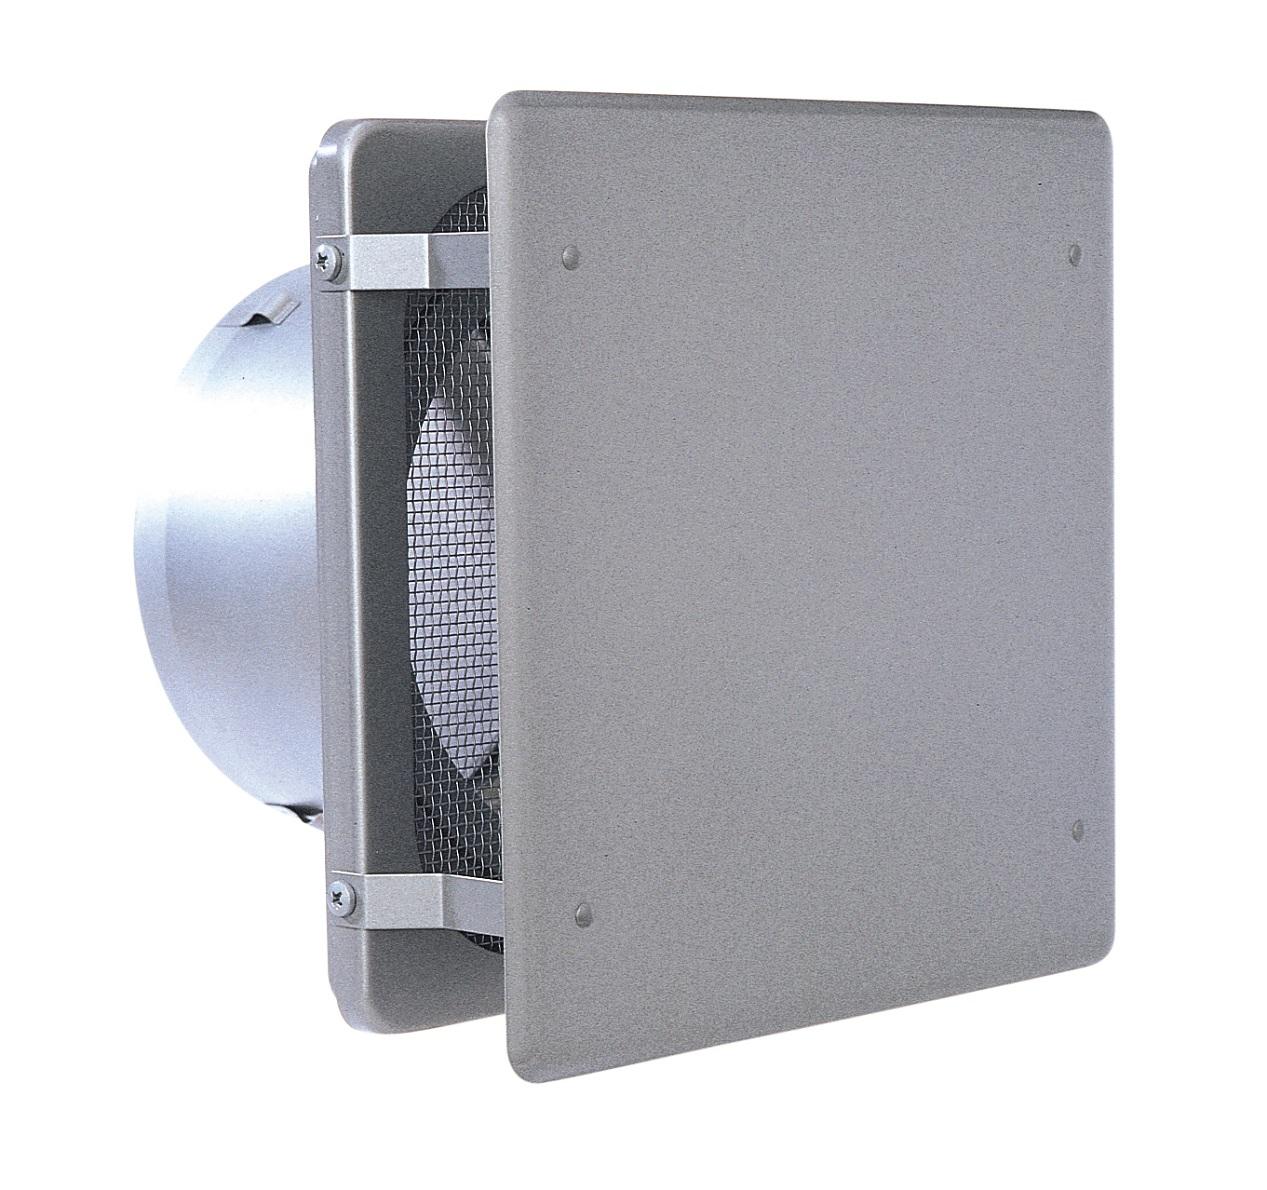 西邦工業 SEIHO KNBD250SC 外壁用ステンレス製換気口 (フラットカバー付換気口) 角金網型10メッシュ フラットカバー付 防火ダンパー付